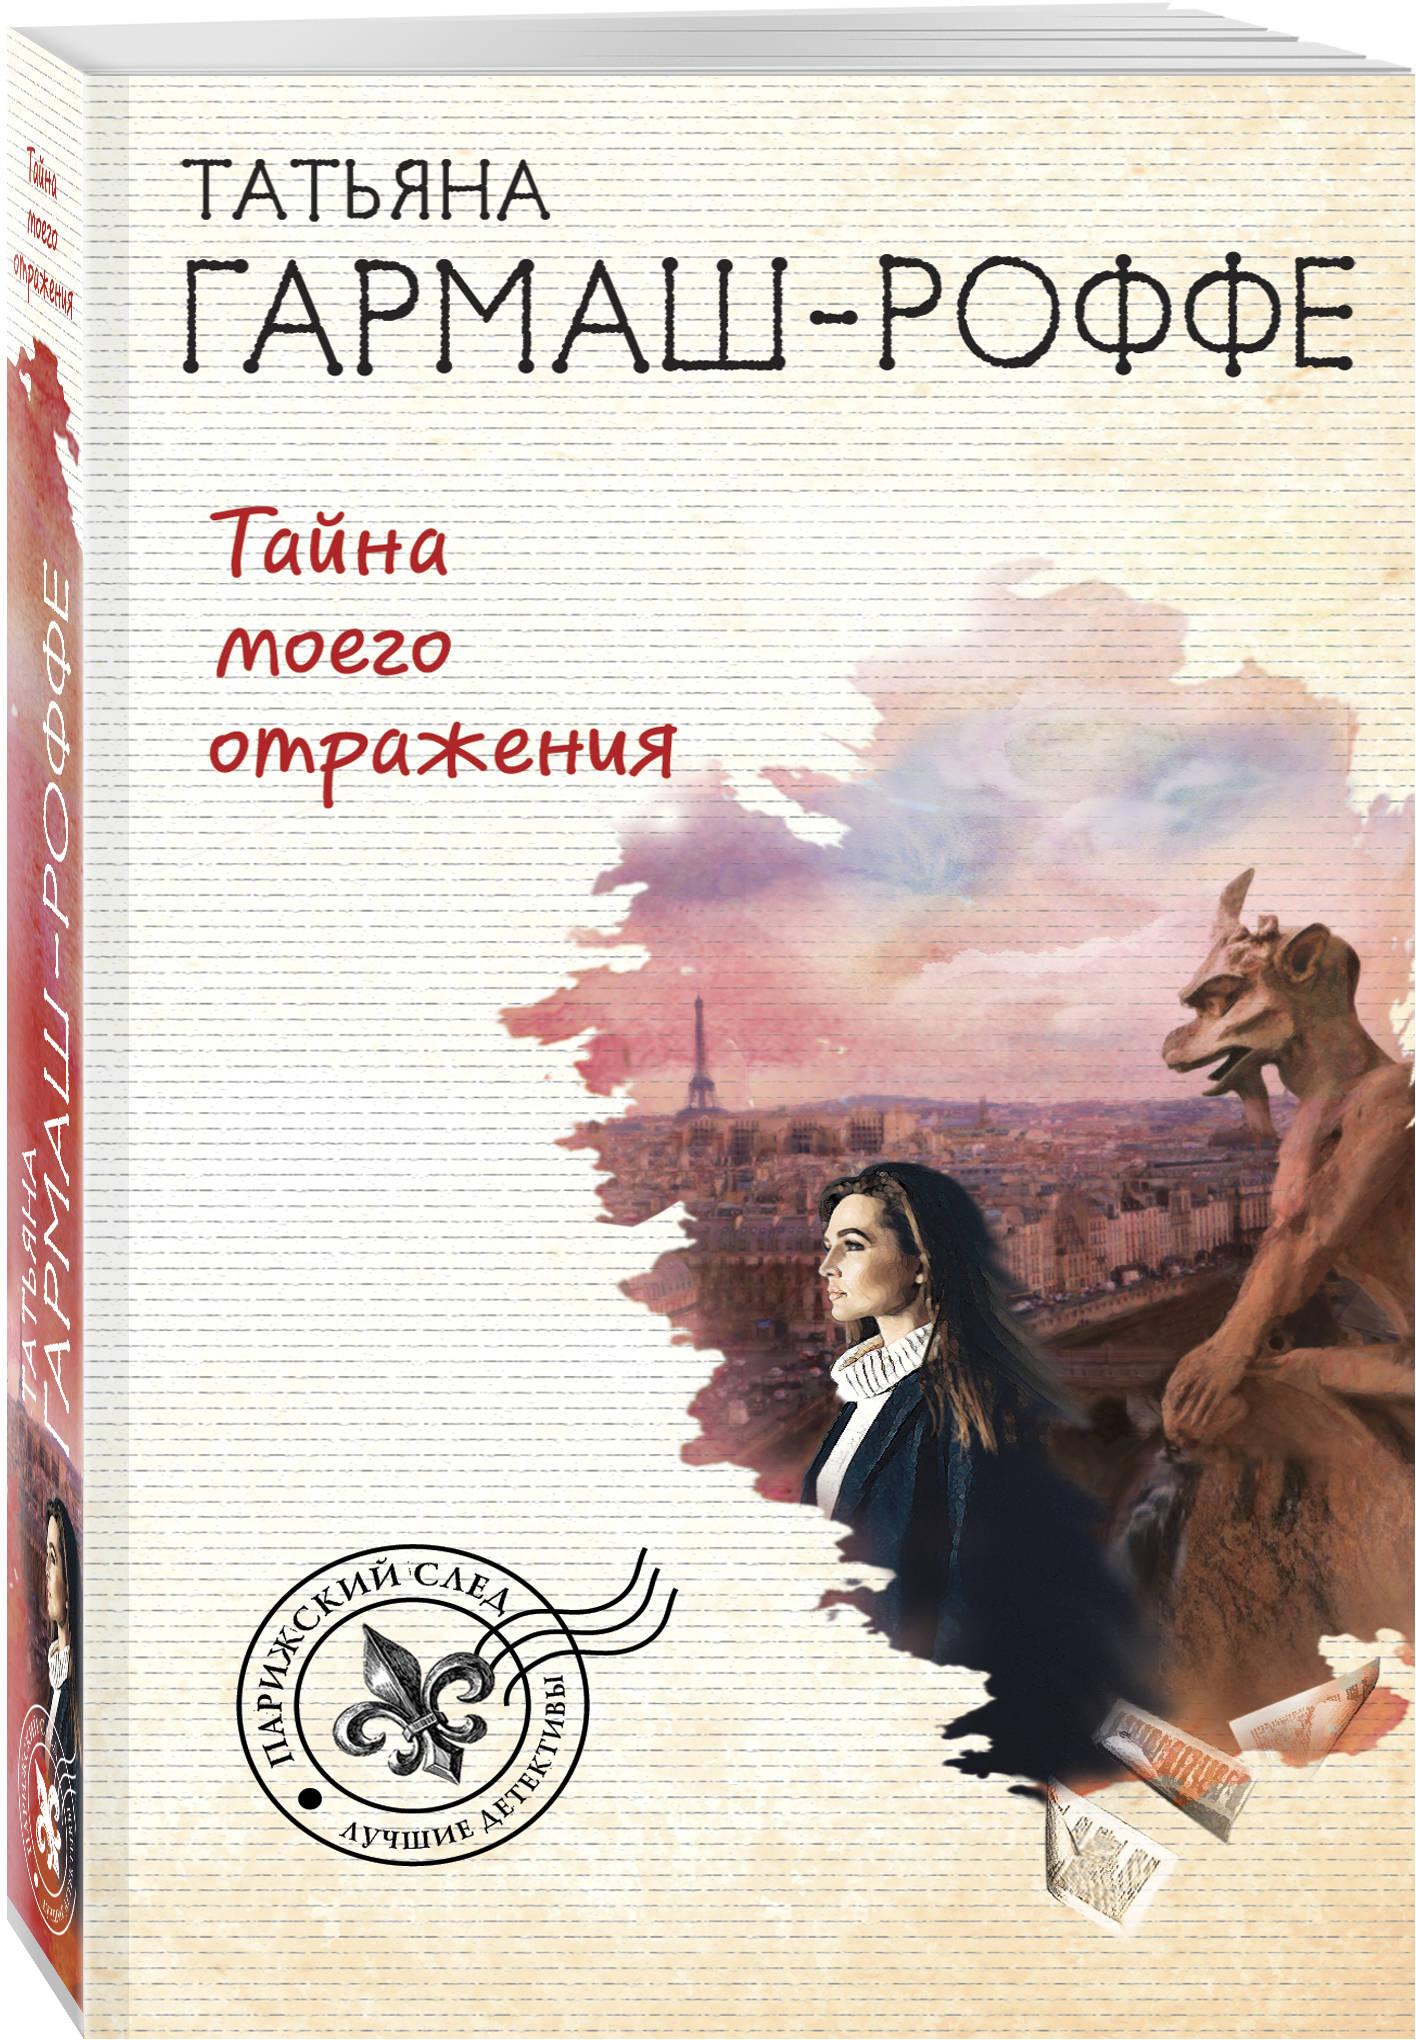 Татьяна Гармаш-Роффе Тайна моего отражения